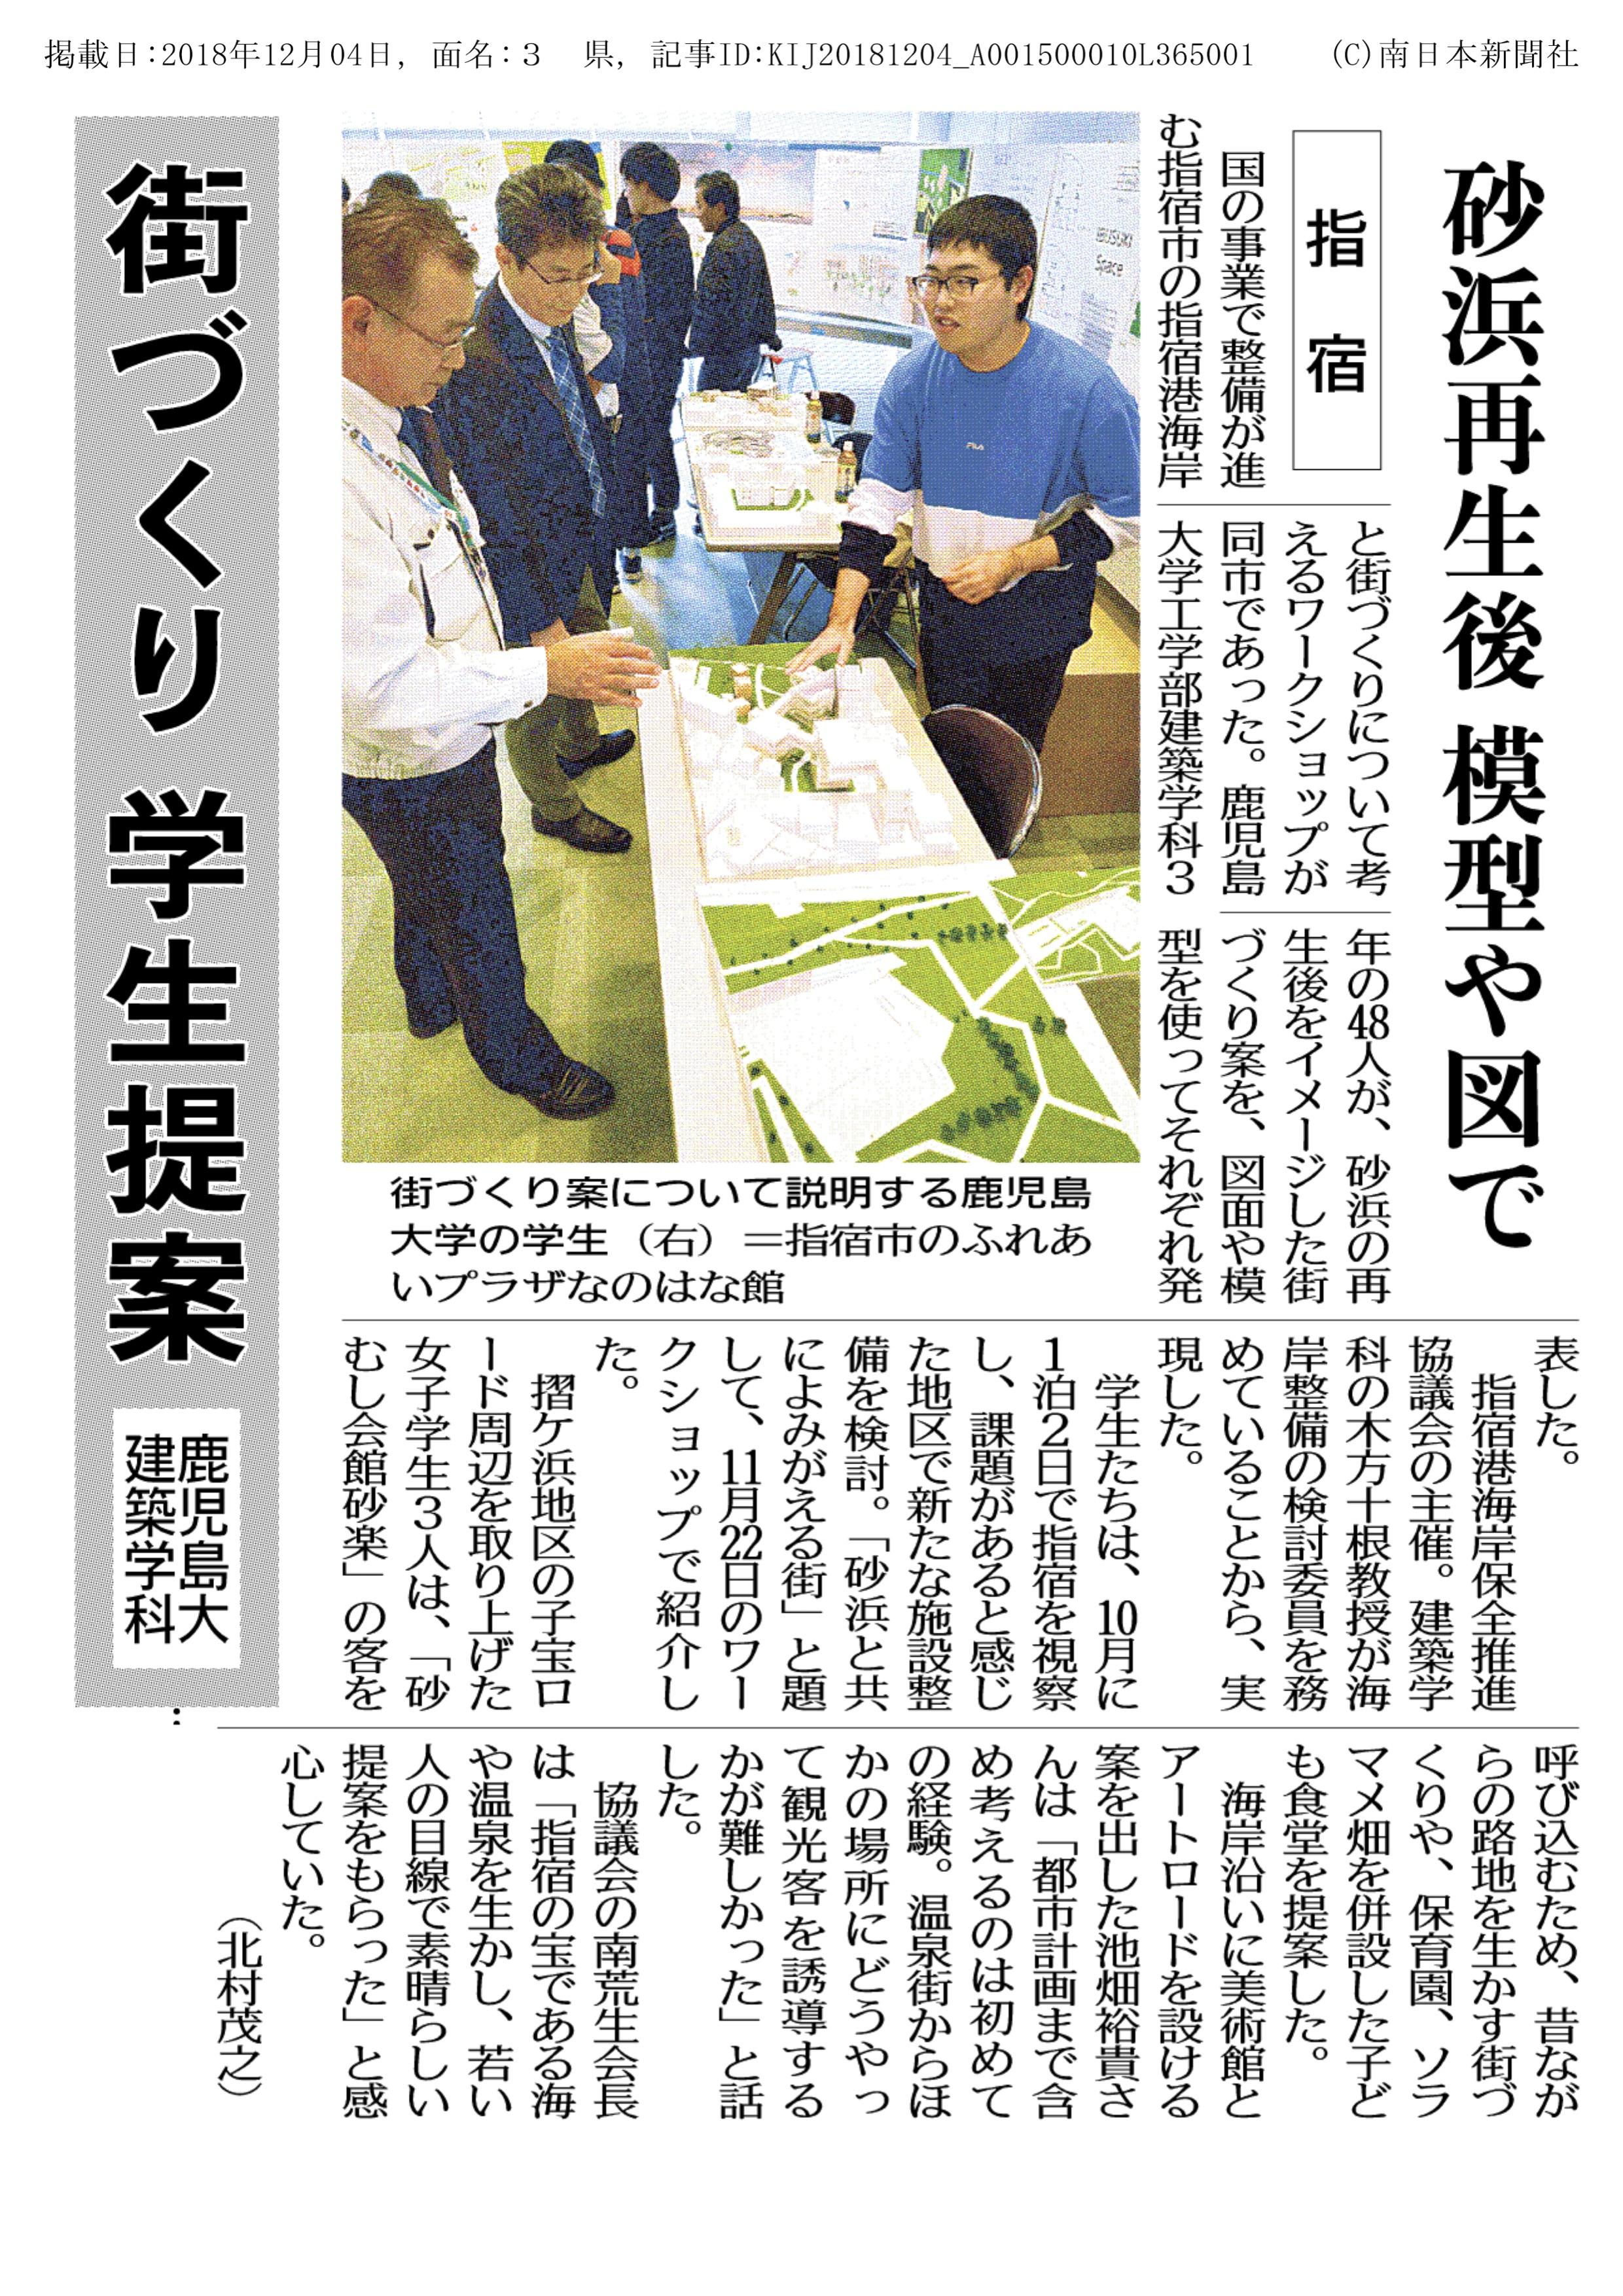 3年生 建築設計Ⅳ「指宿課題」ワークショップの様子が新聞に掲載されました!